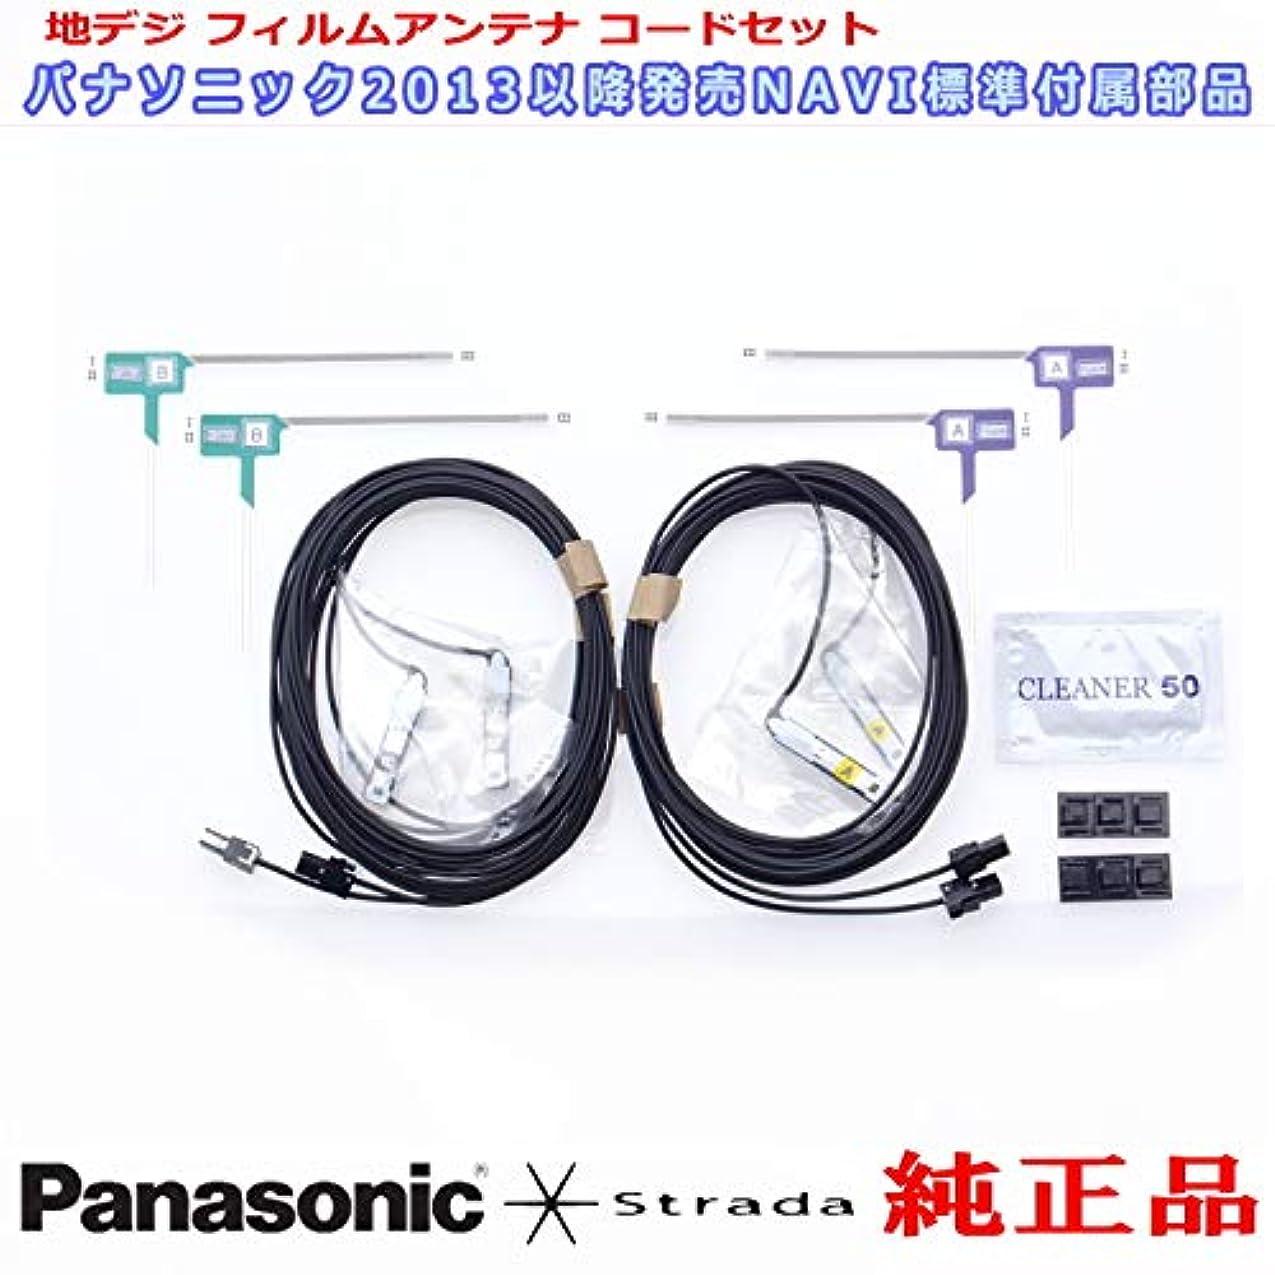 伝染性ペッカディロロースト地デジ アンテナ Panasonic Strada CN-R300D ? CN-R300WD 安心の 純正品 地デジ フィルム アンテナ コード Set (PD32ks